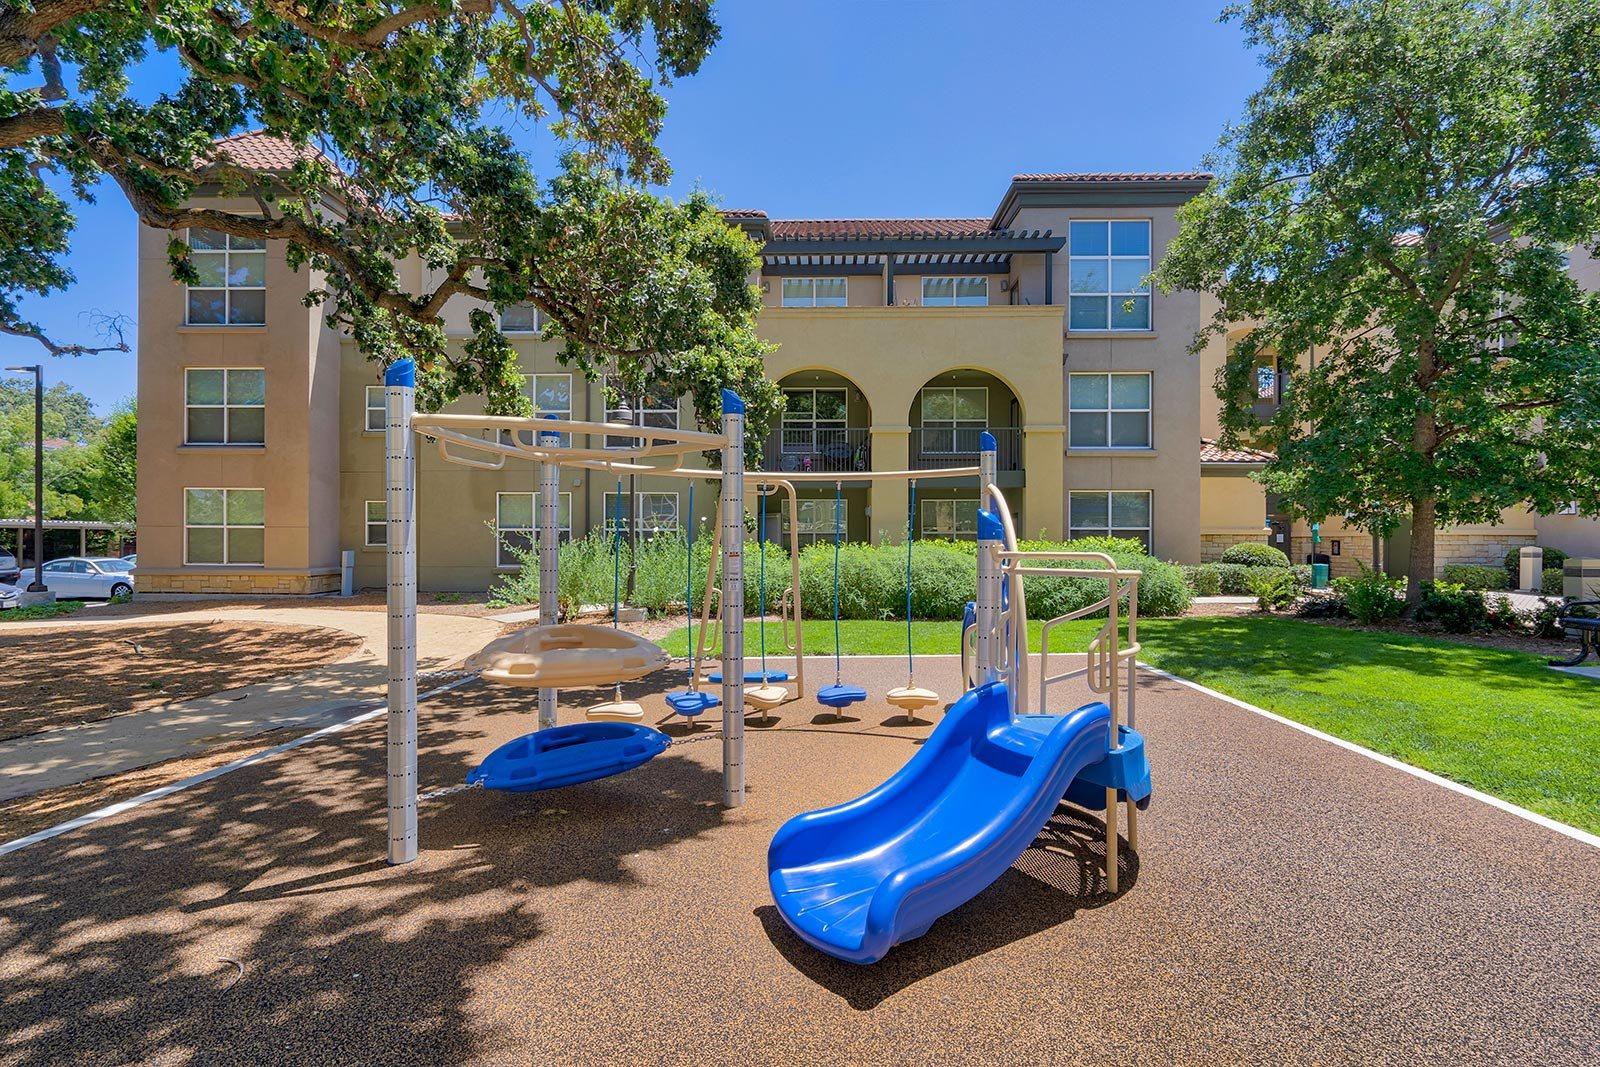 Children's Playground Villa Montanaro, CA 94523